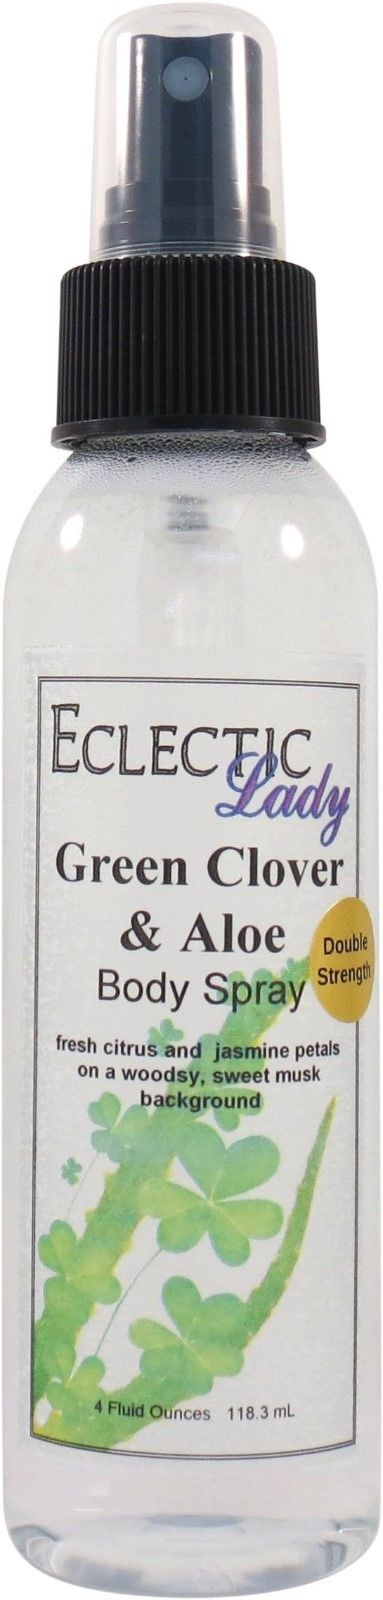 Green Clover And Aloe Body Spray